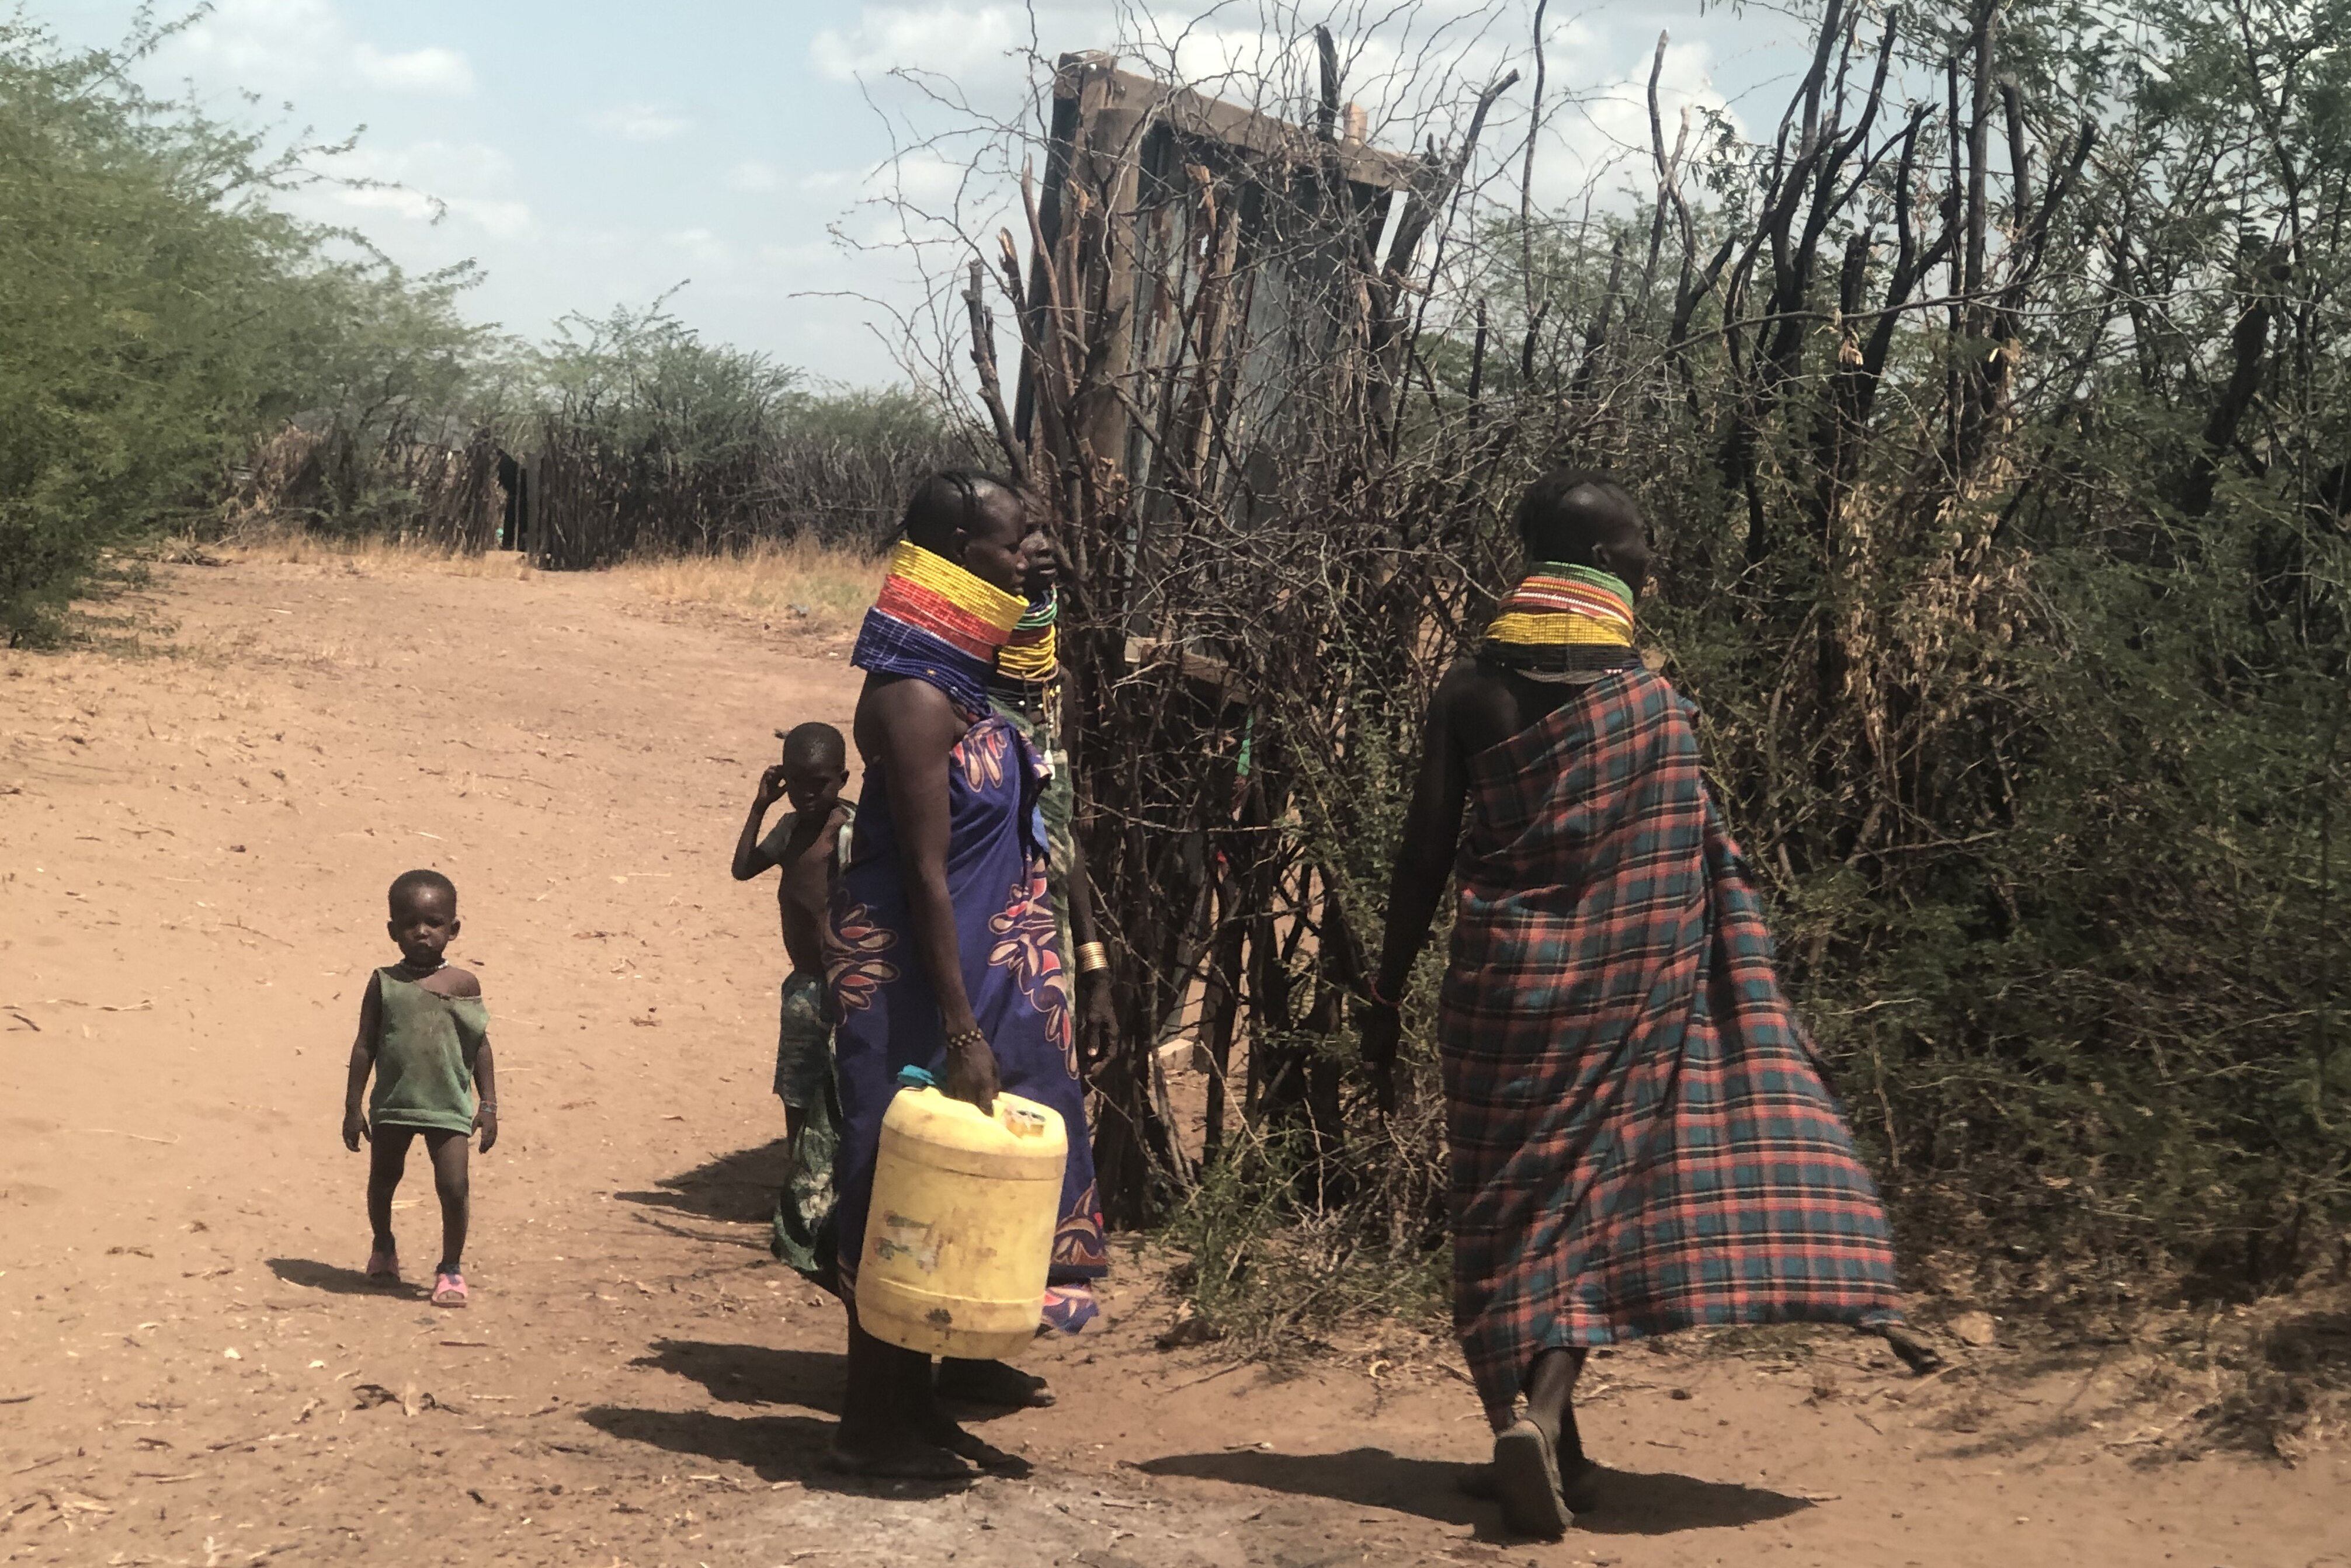 Zwei Frauen mit Wasserkanistern und zwei Kinder auf einer ausgetrockneten Straße